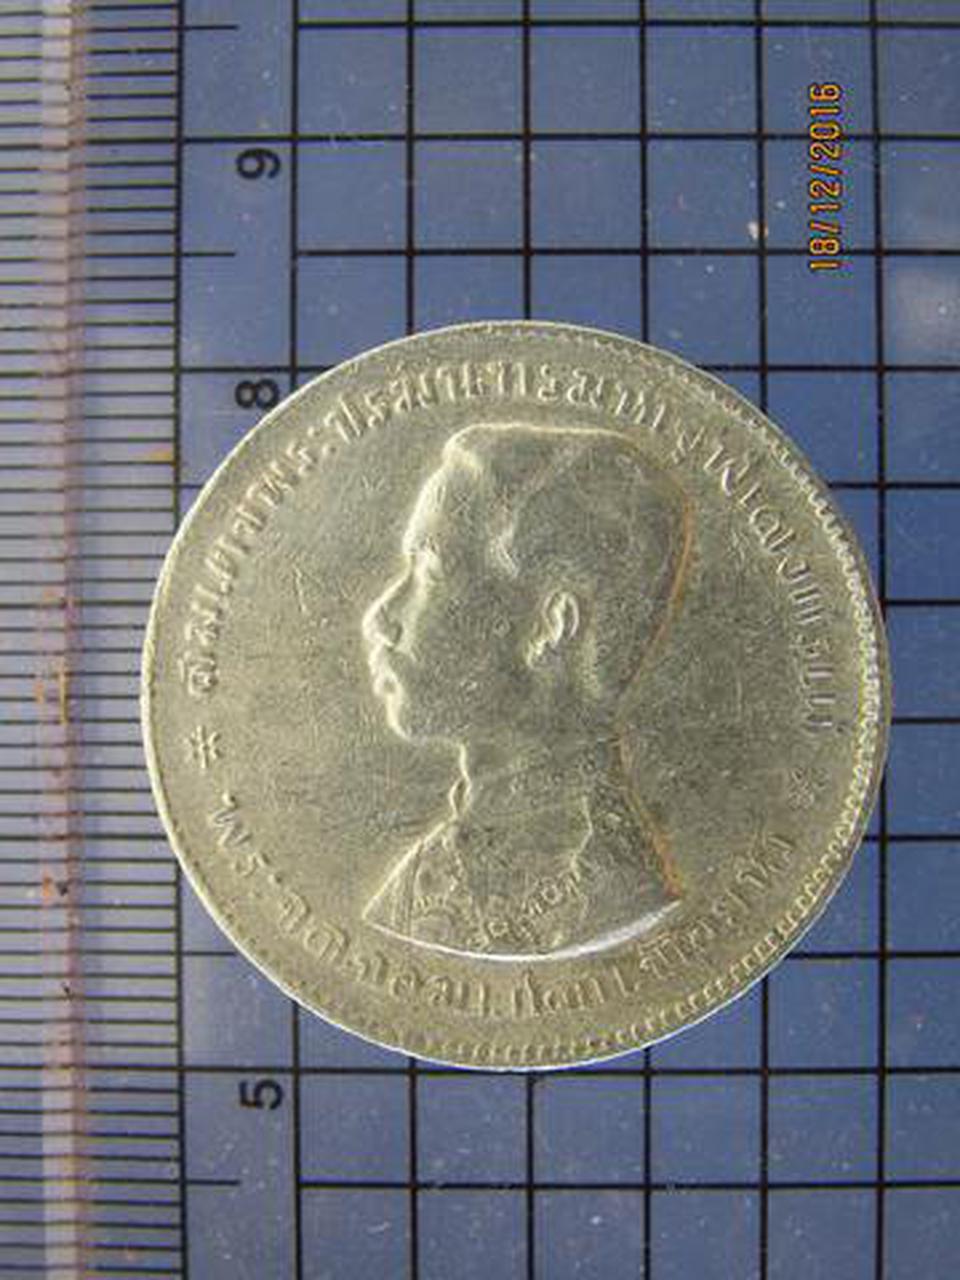 4118 เหรียญเนื้อเงิน ร.5 หนึ่งบาท ไม่มี รศ. หลังตราแผ่นดิน ป รูปที่ 2